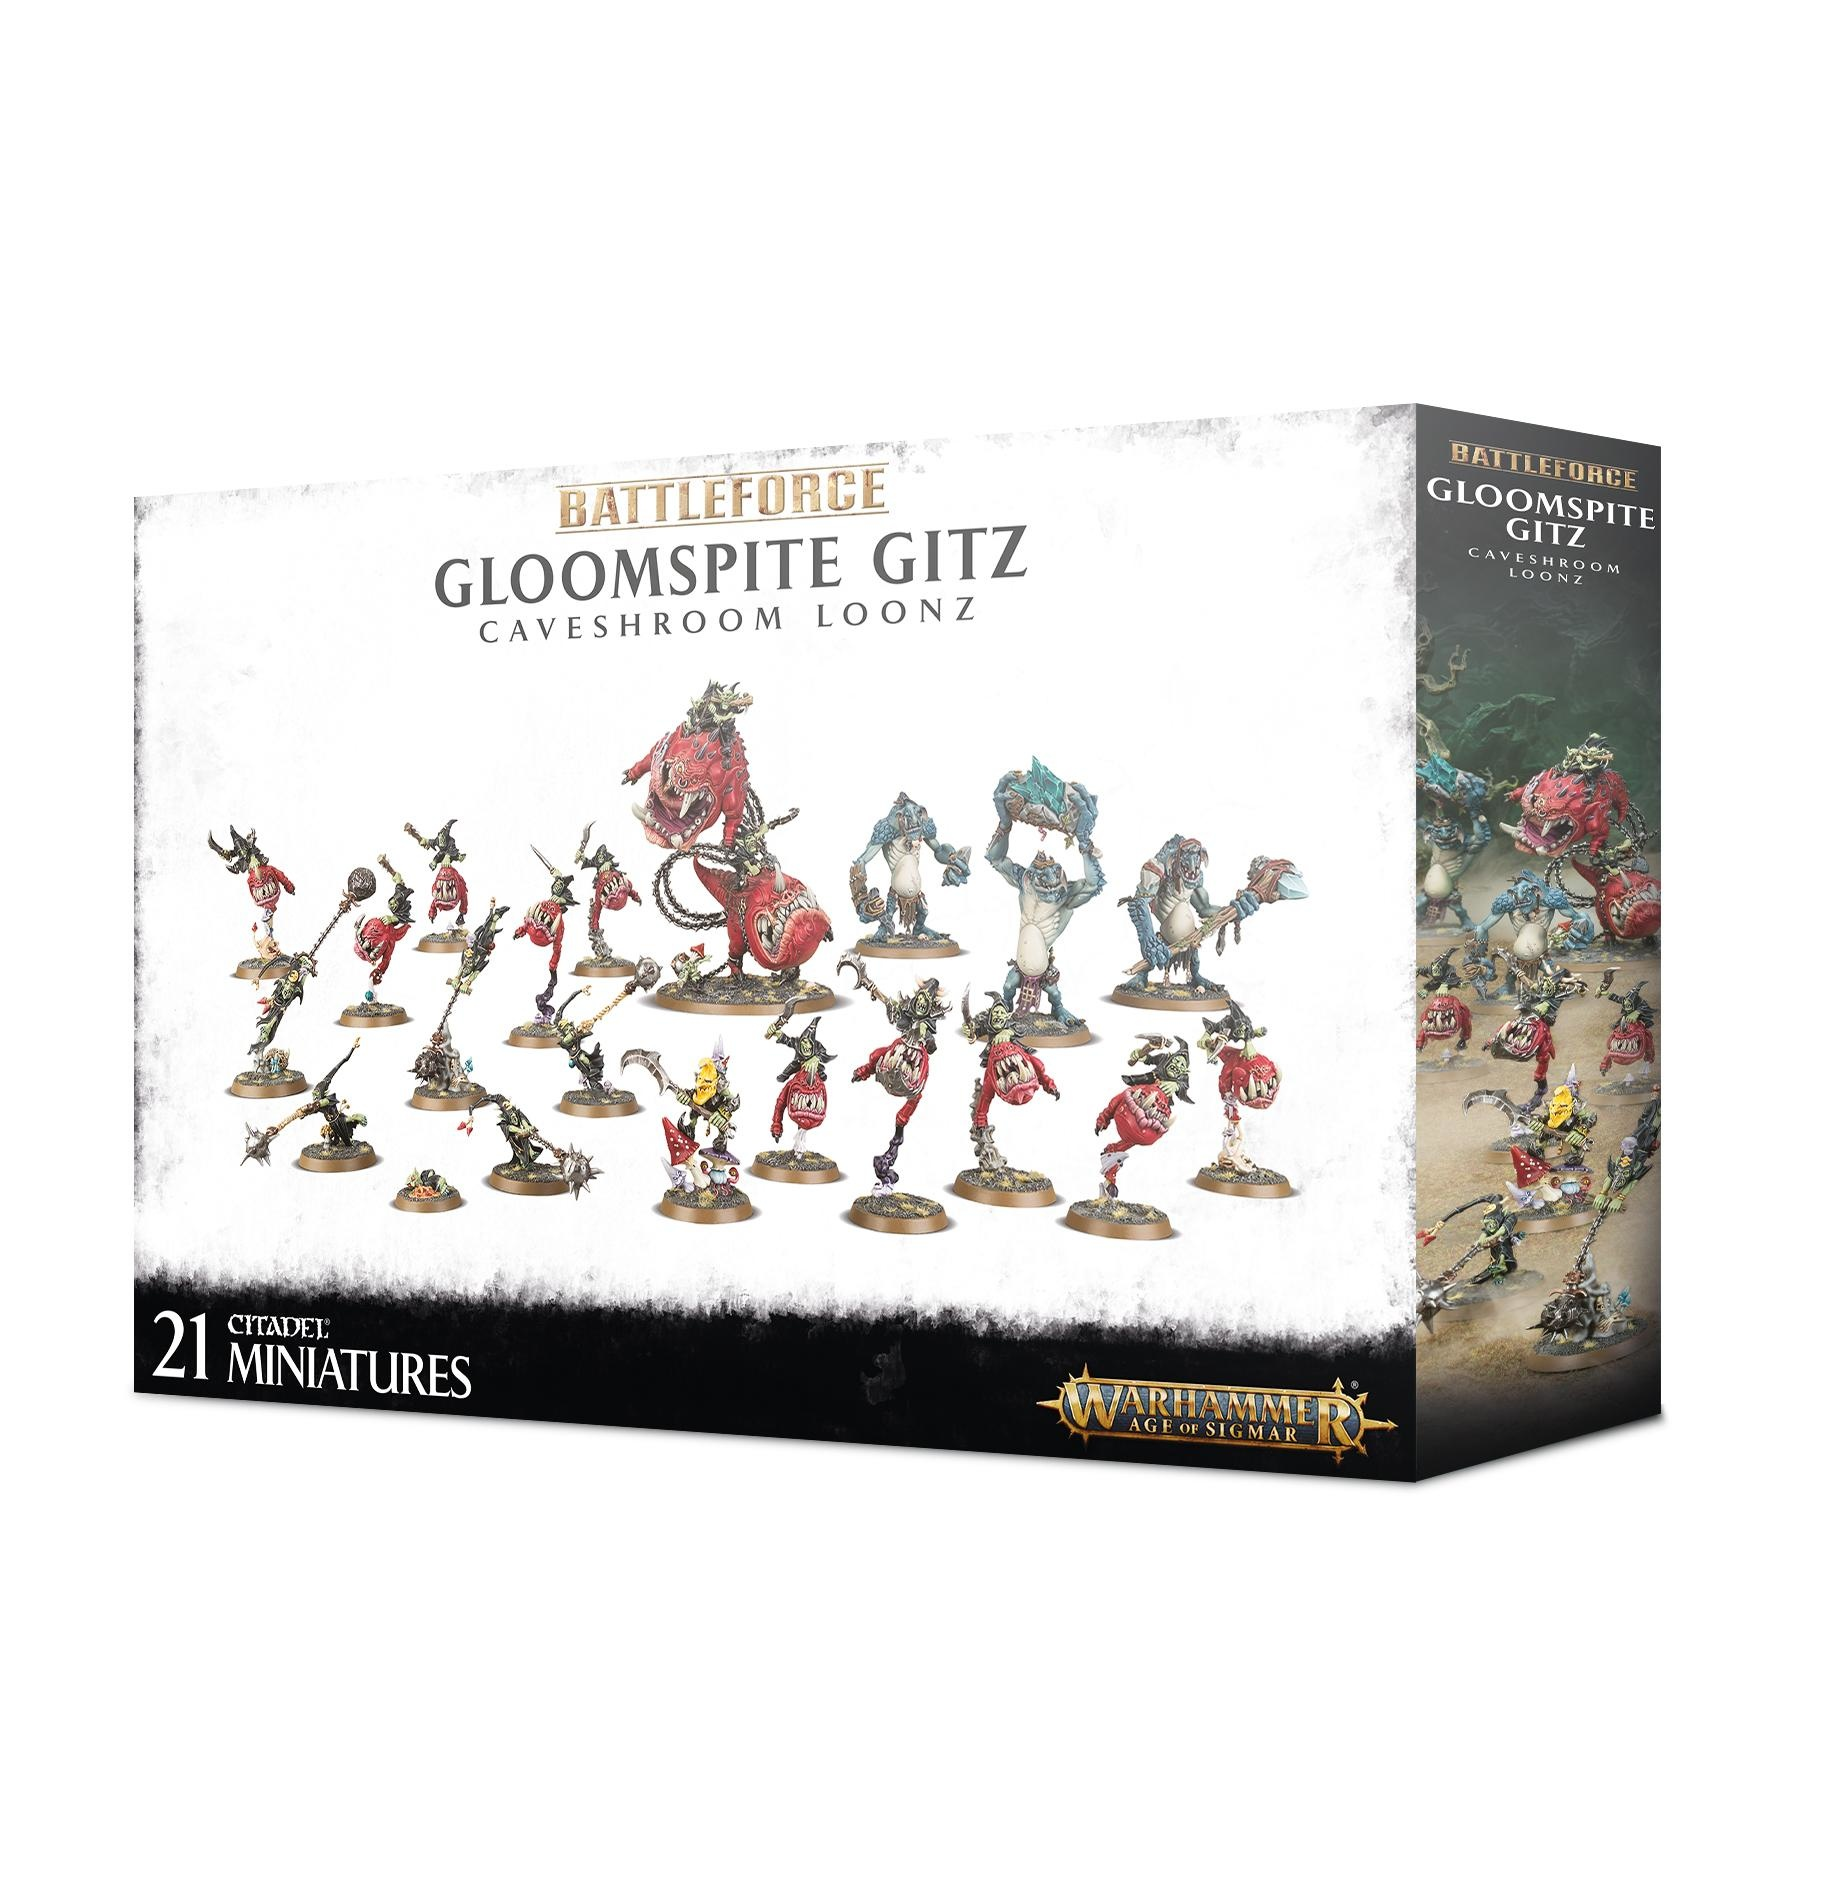 Games Workshop GLOOMSPITE GITZ: CAVESHROOM LOONZ